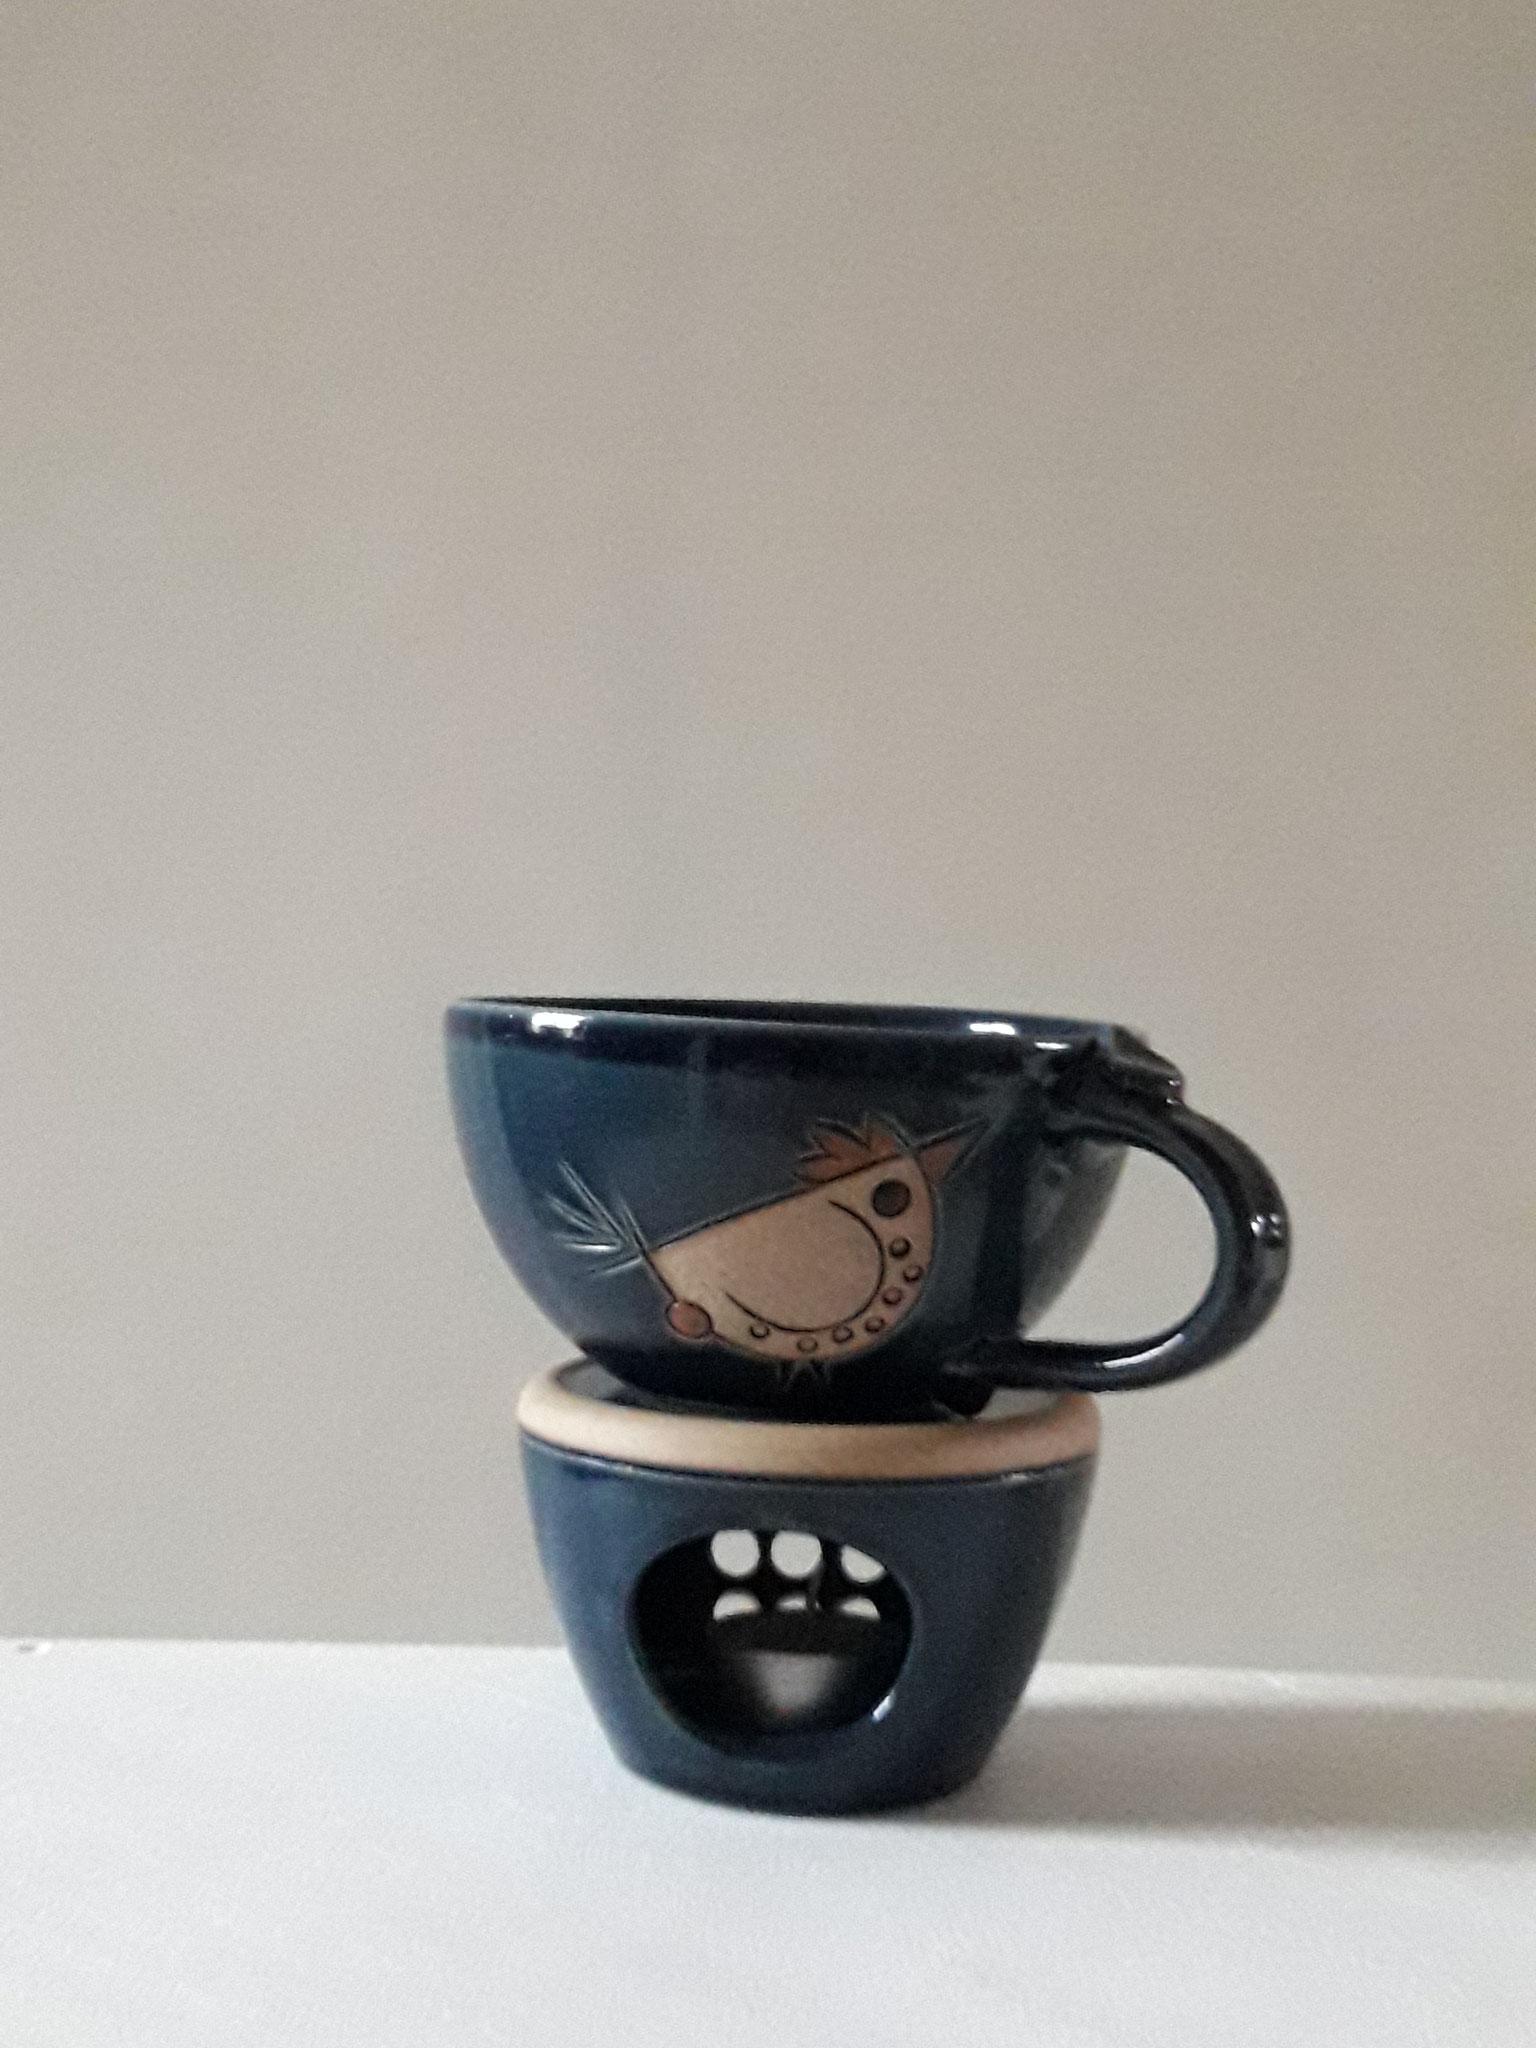 Caffee au lait, nachtblau, 500 ml